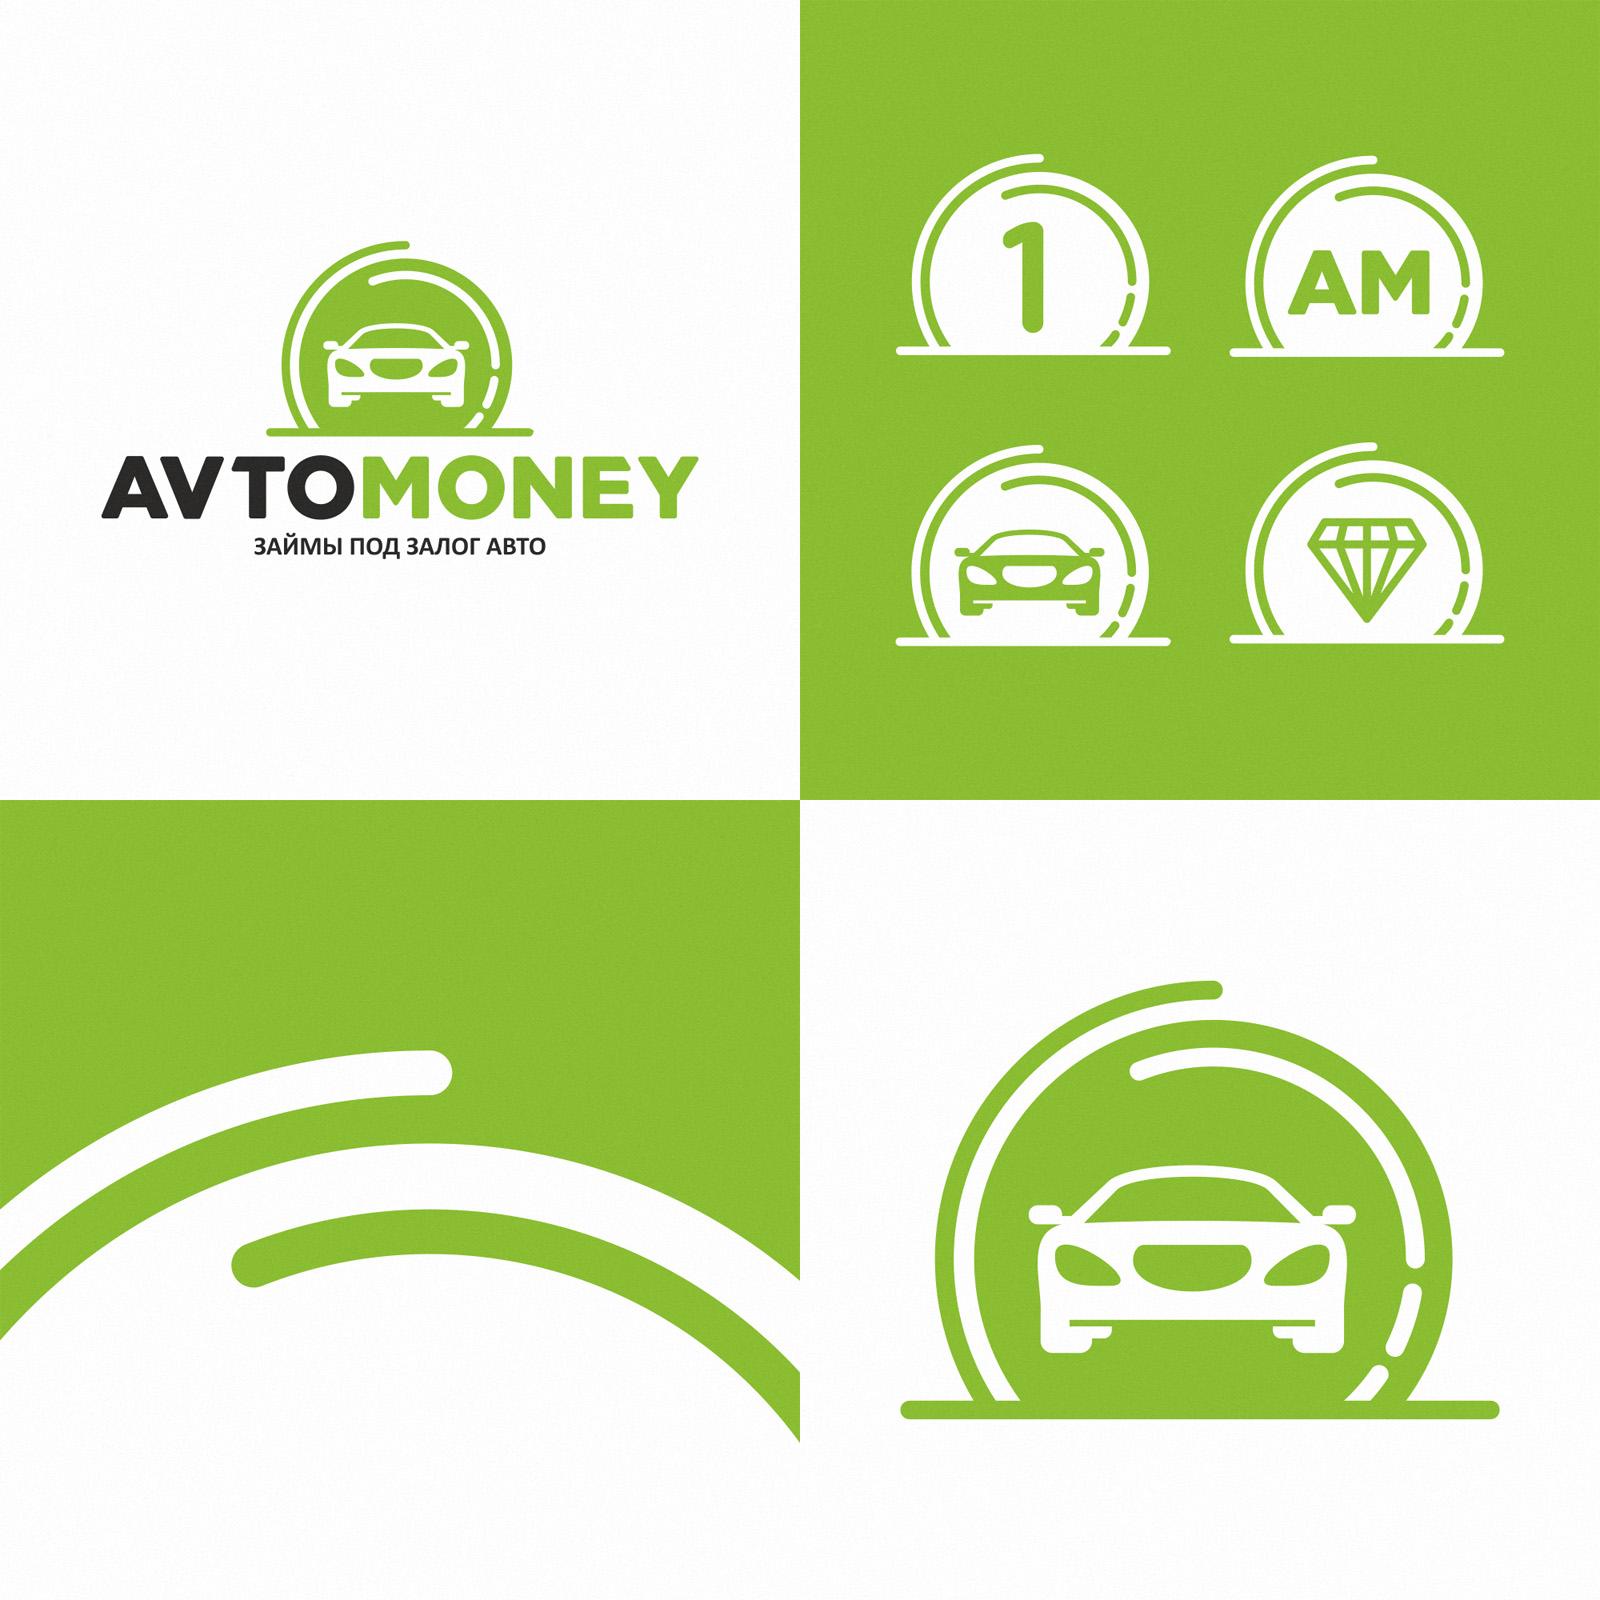 AvtoMoney